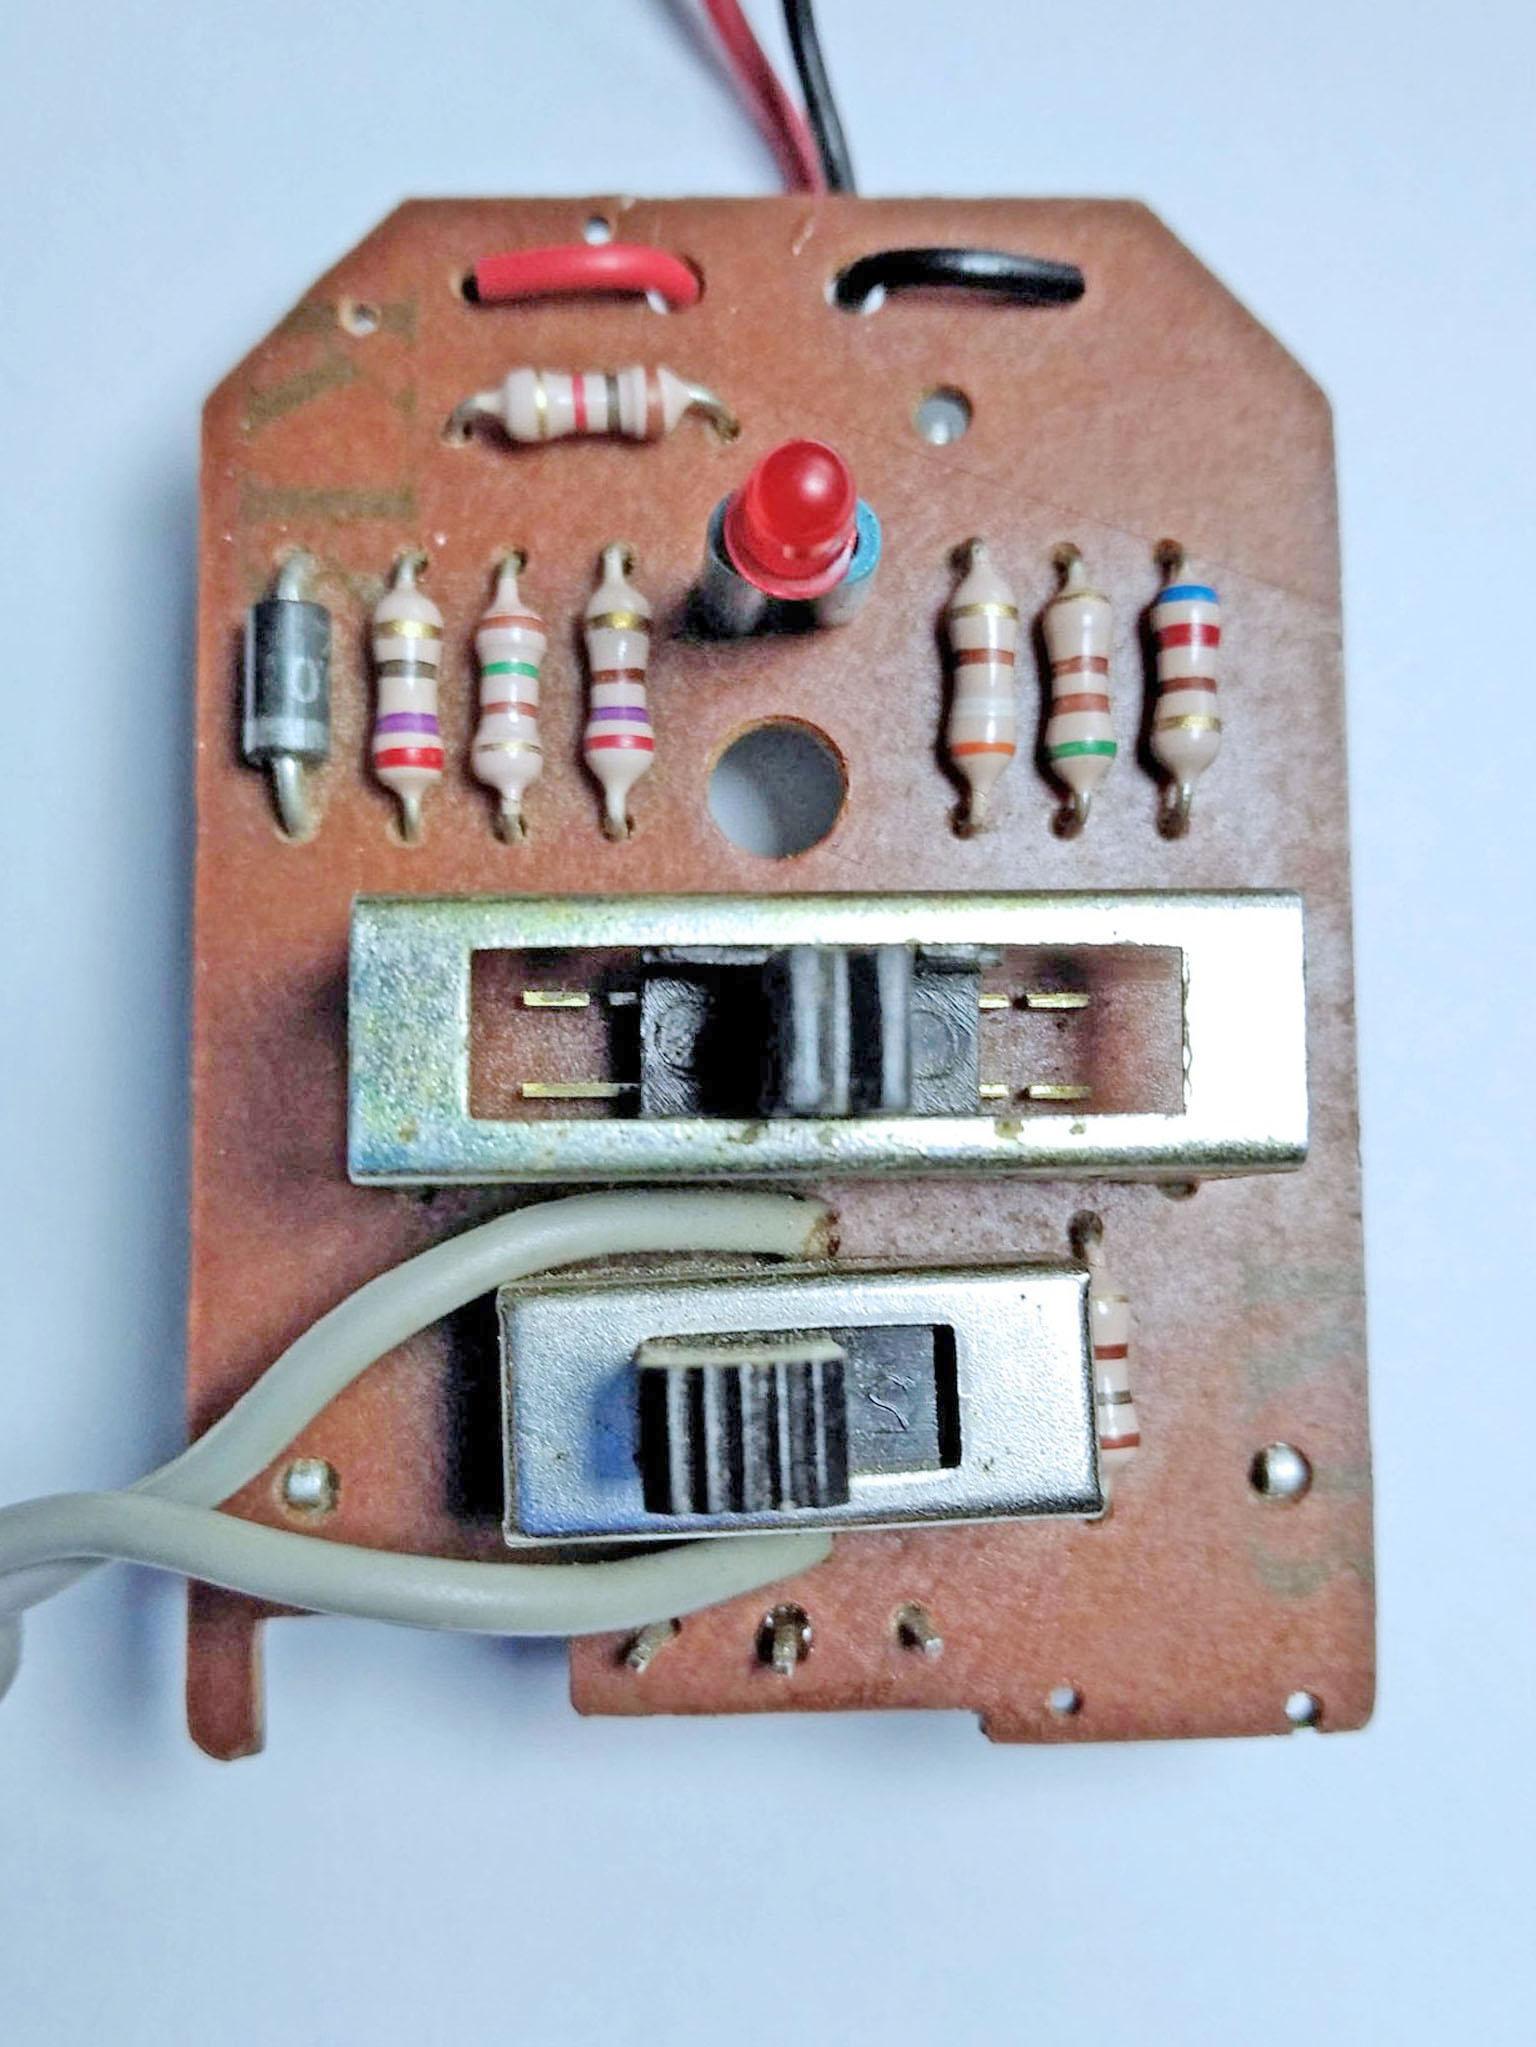 переключатели и резисторы